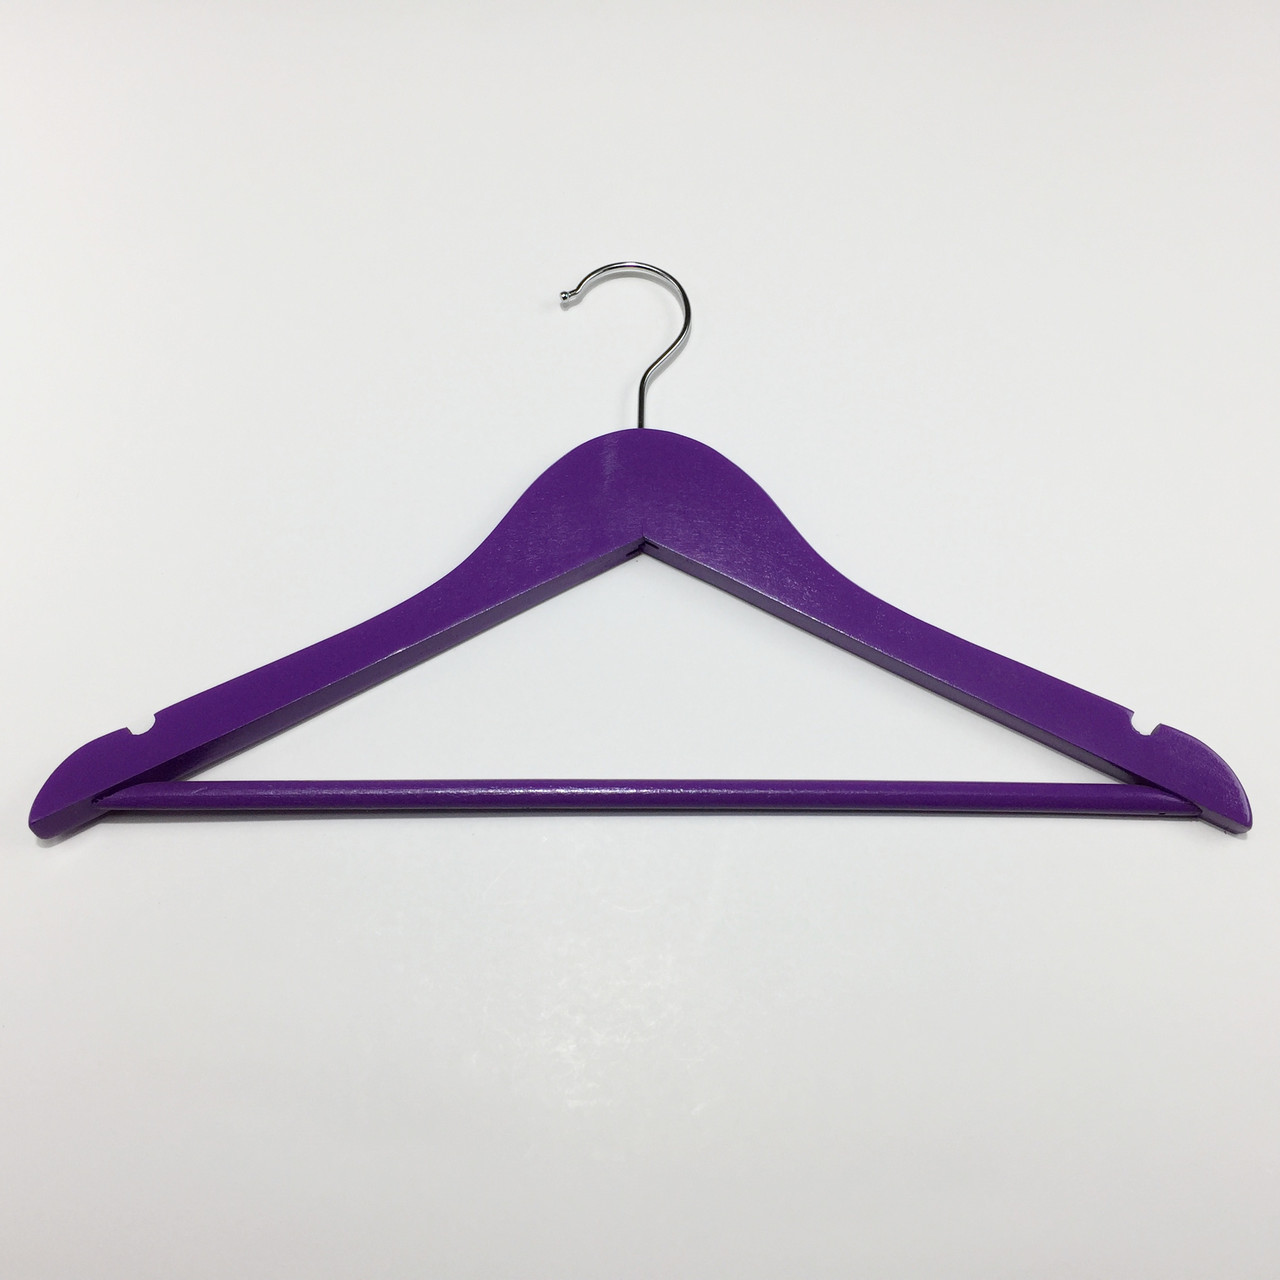 Плечики вешалки тремпеля деревянные детские фиолетового цвета, длина 380 мм